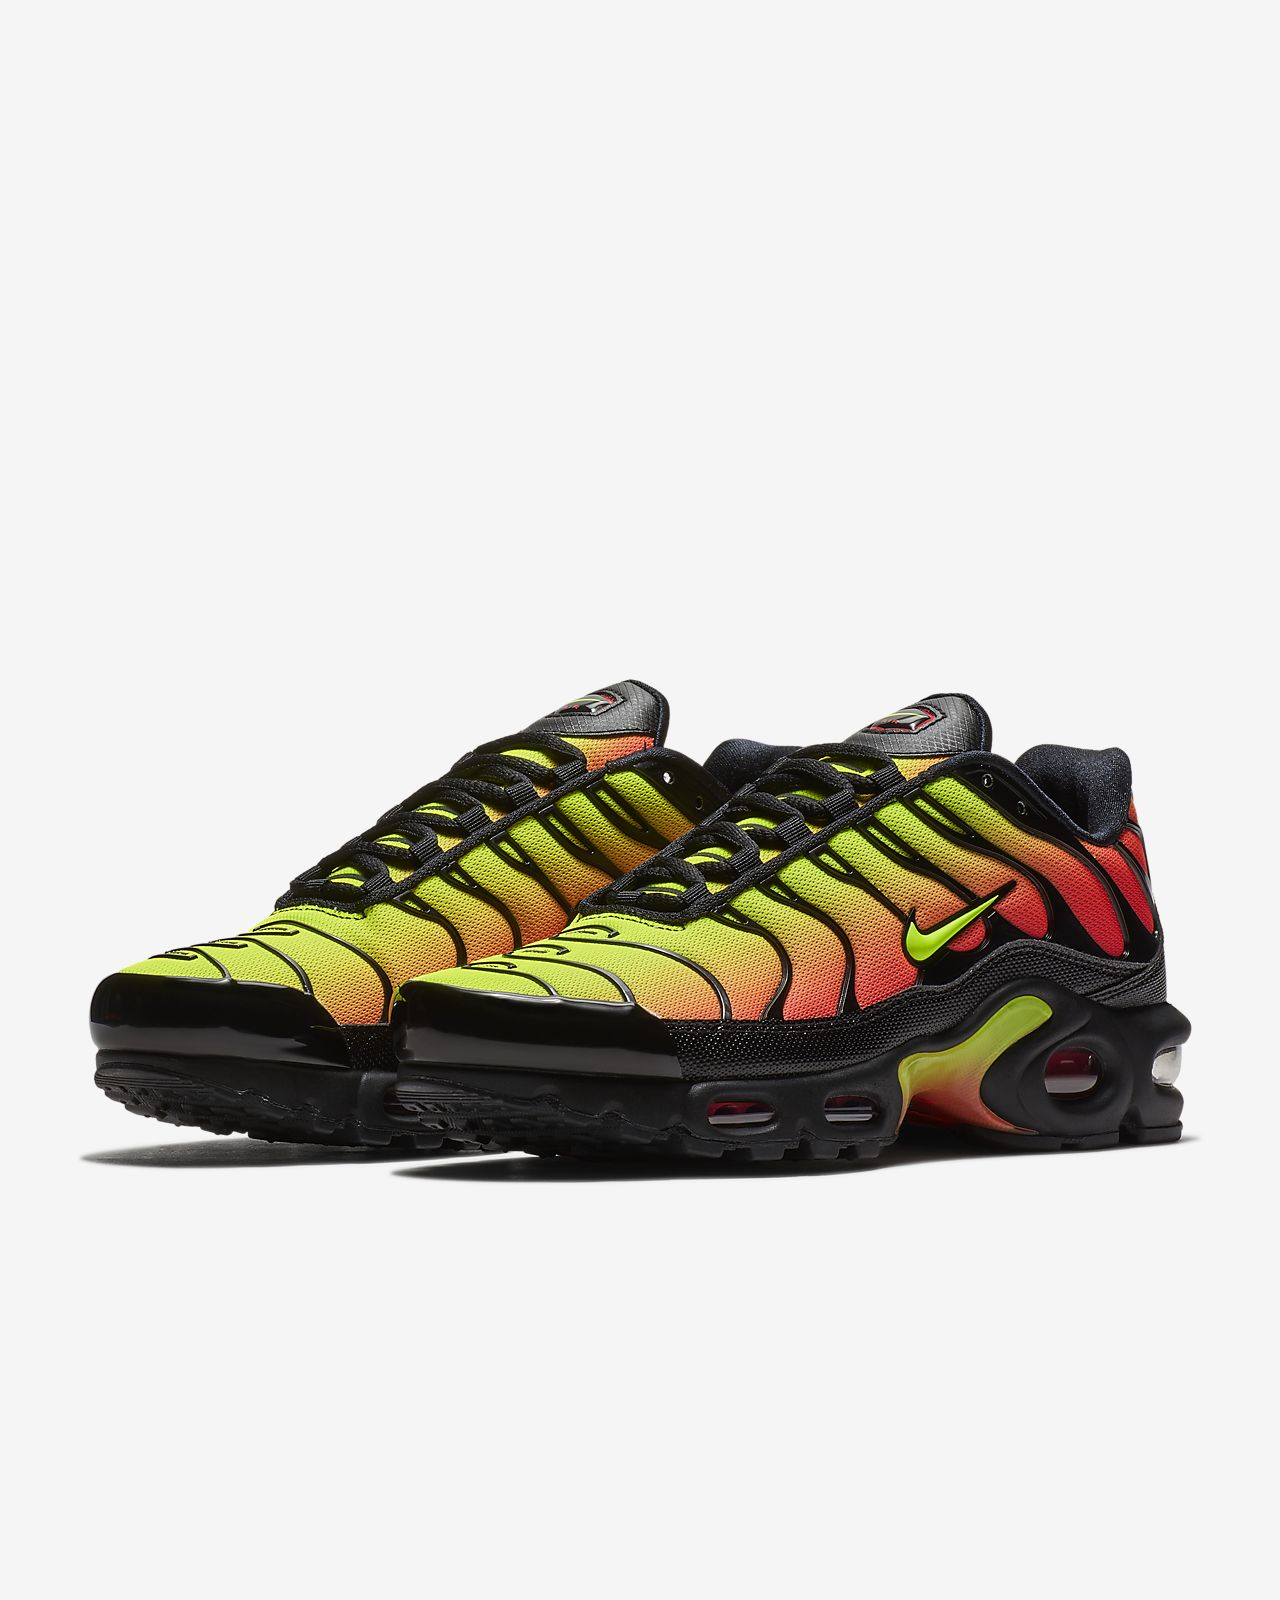 480cd17d Max Tn Chodzenia Nike darmowa Damskie Dostawa Air Do nwZv86x